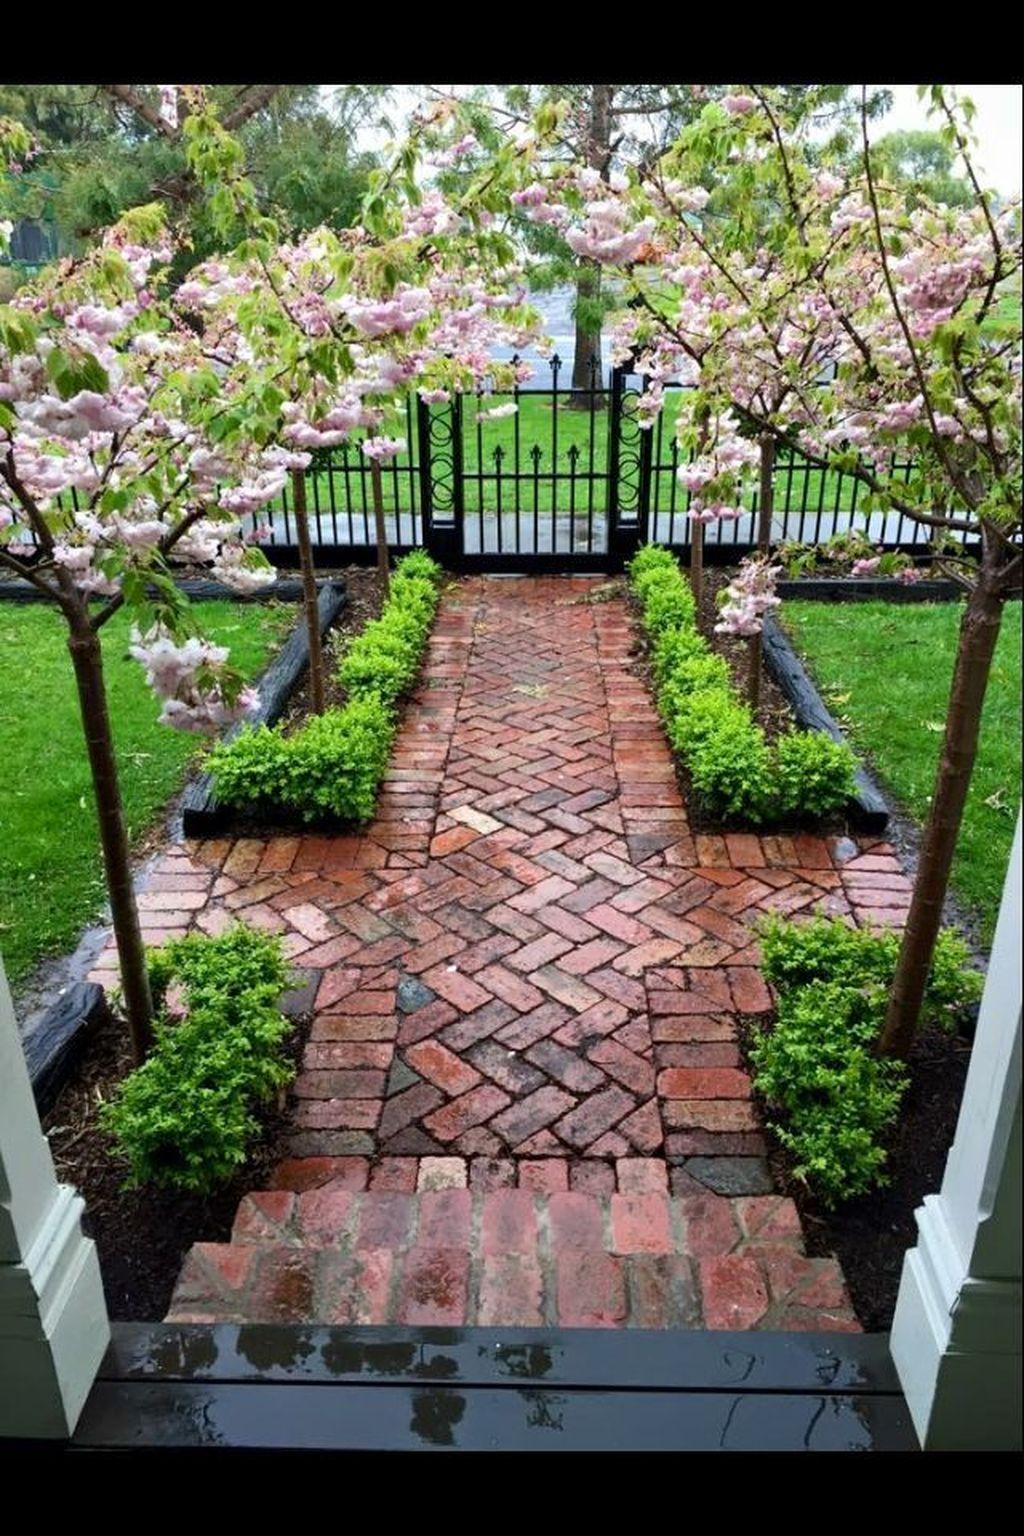 39 Brilliant Garden Path Walkways Design Ideas -   22 chodnik garden path ideas